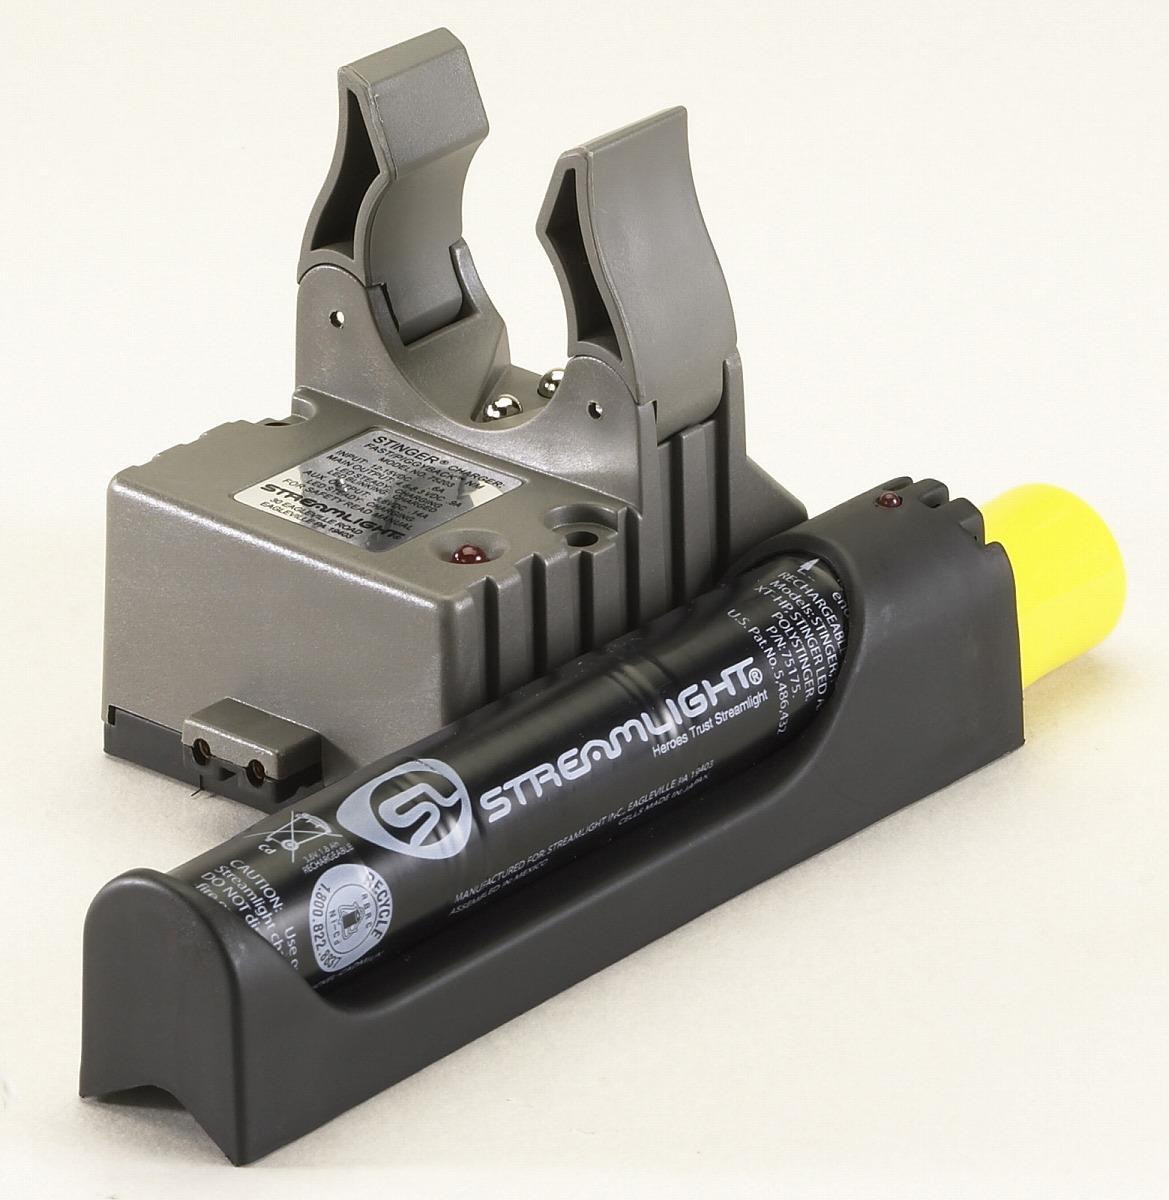 75276 ピギーバック急速充電ホルダー[予備電池付] ピギーバック充電ホルダー[喜一工具]★